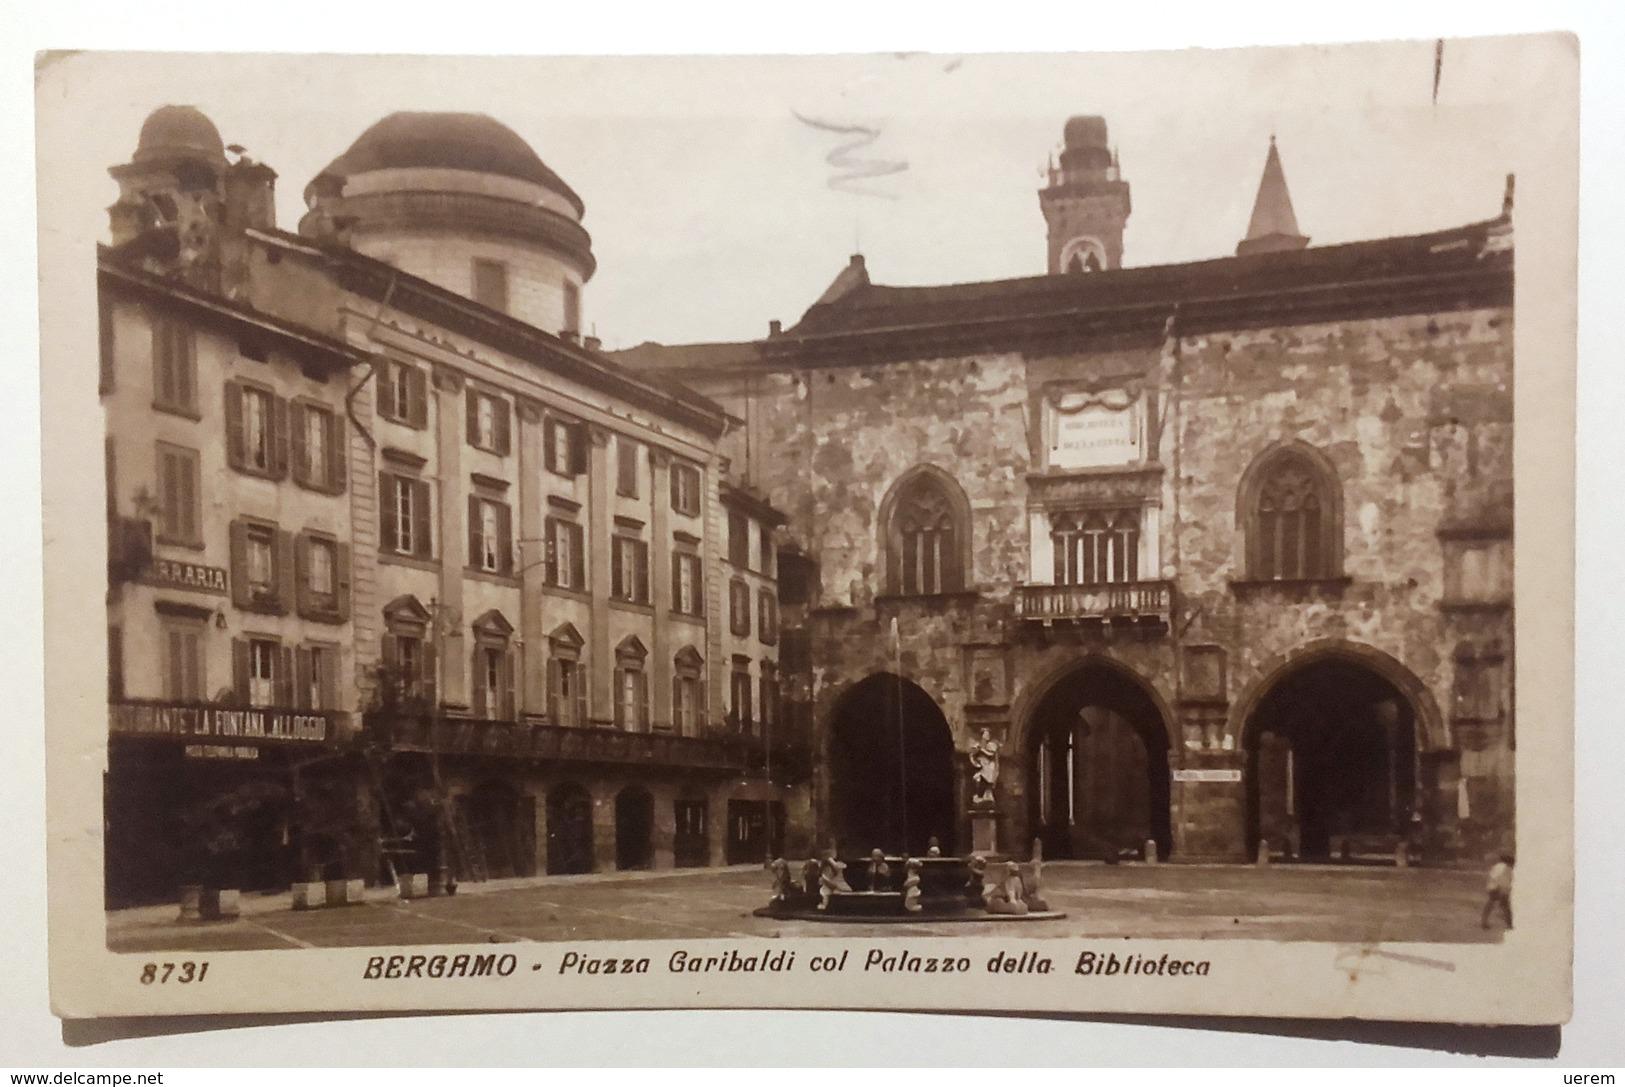 LOMBARDIA - BERGAMO - PIAZZA GARIBALDI CON PALAZZO DELLA BIBLIOTECA Formato Piccolo Viaggiata Nel 1924 - Condizioni Buon - Bergamo